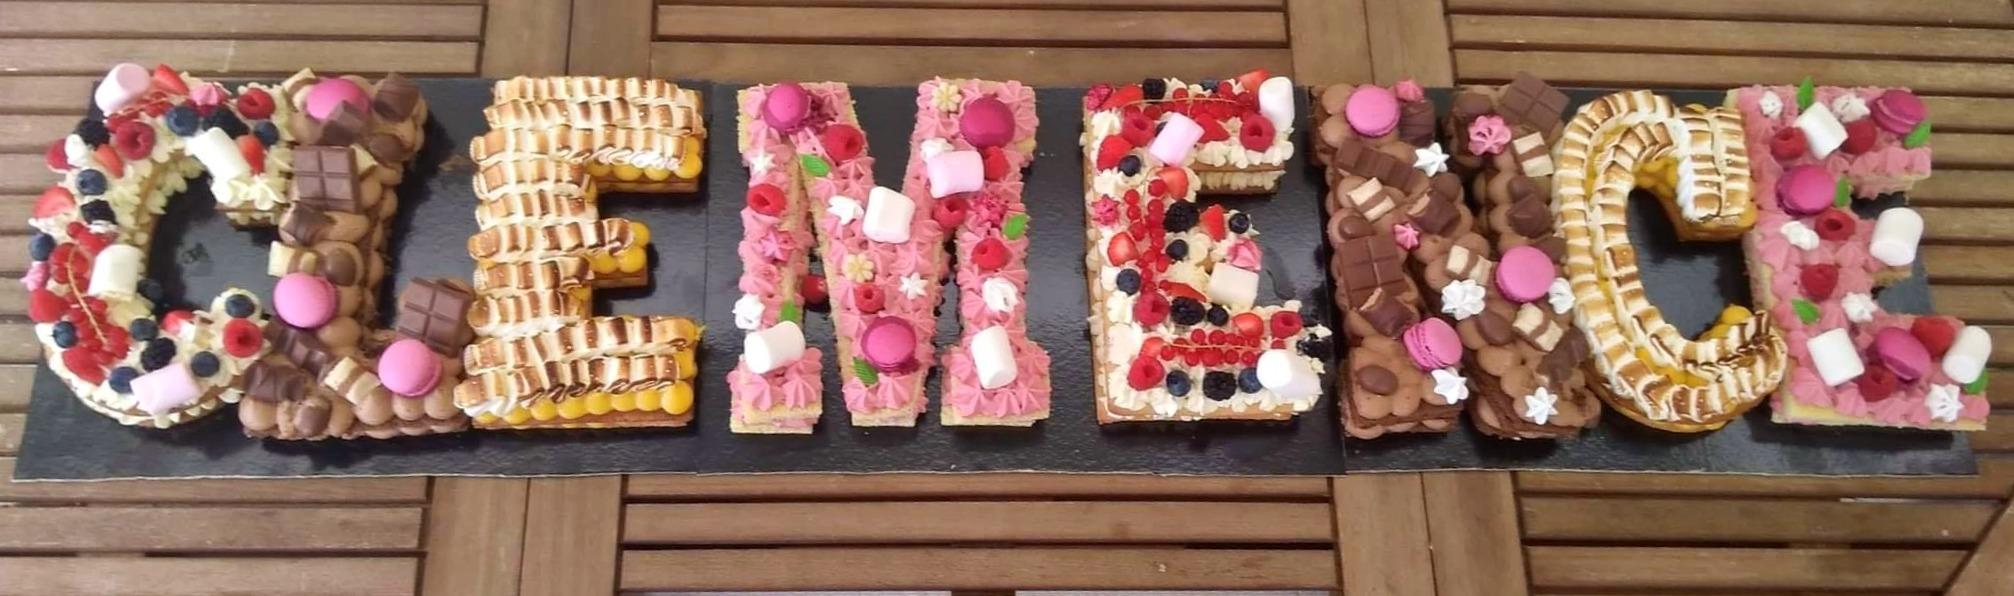 Letter cake.